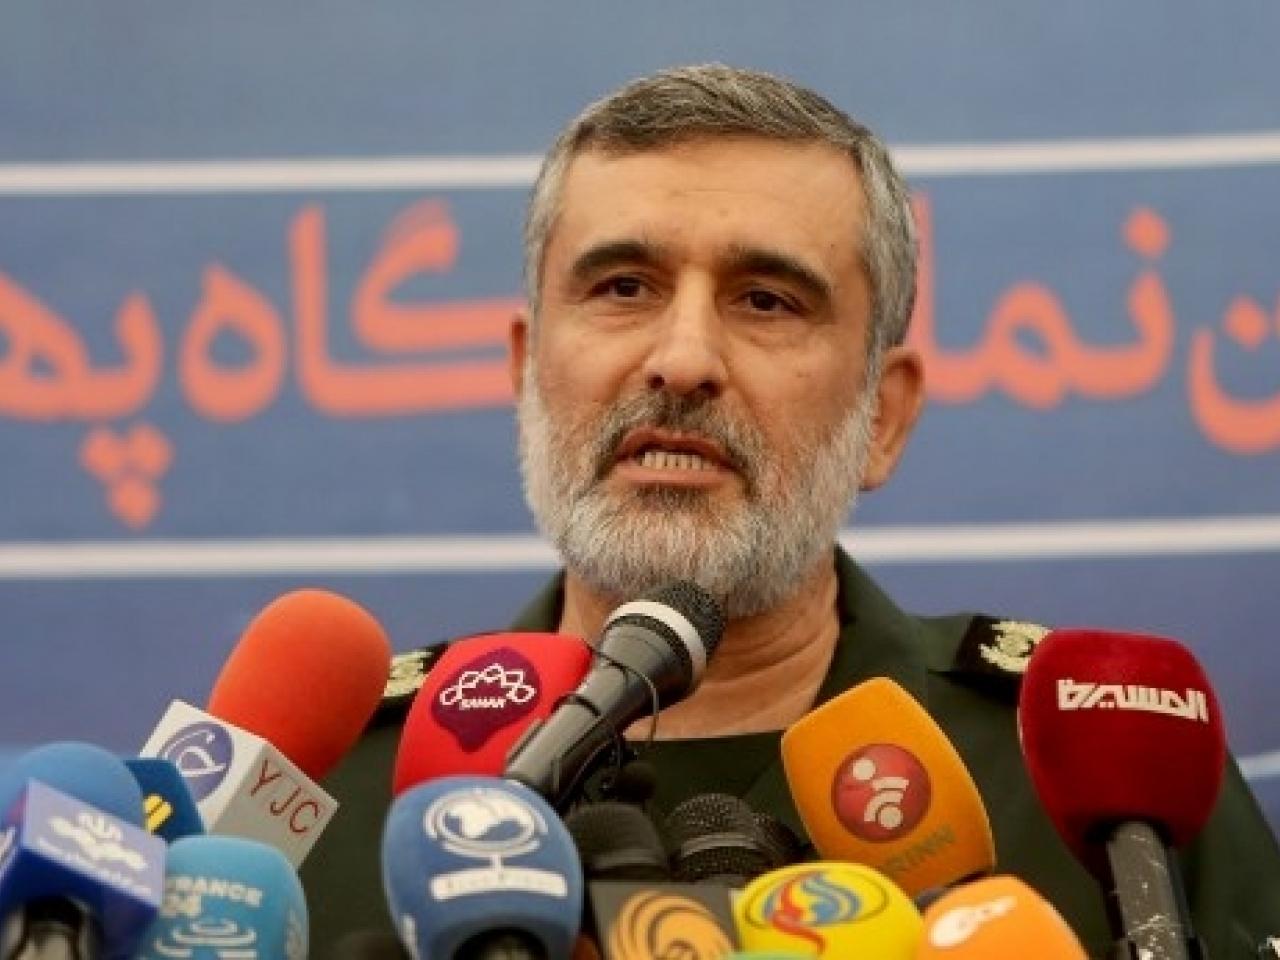 """Tư lệnh Iran ra lệnh bắn rơi máy bay Ukraine: """"Tôi ước giá mình có thể chết đi"""" - 1"""